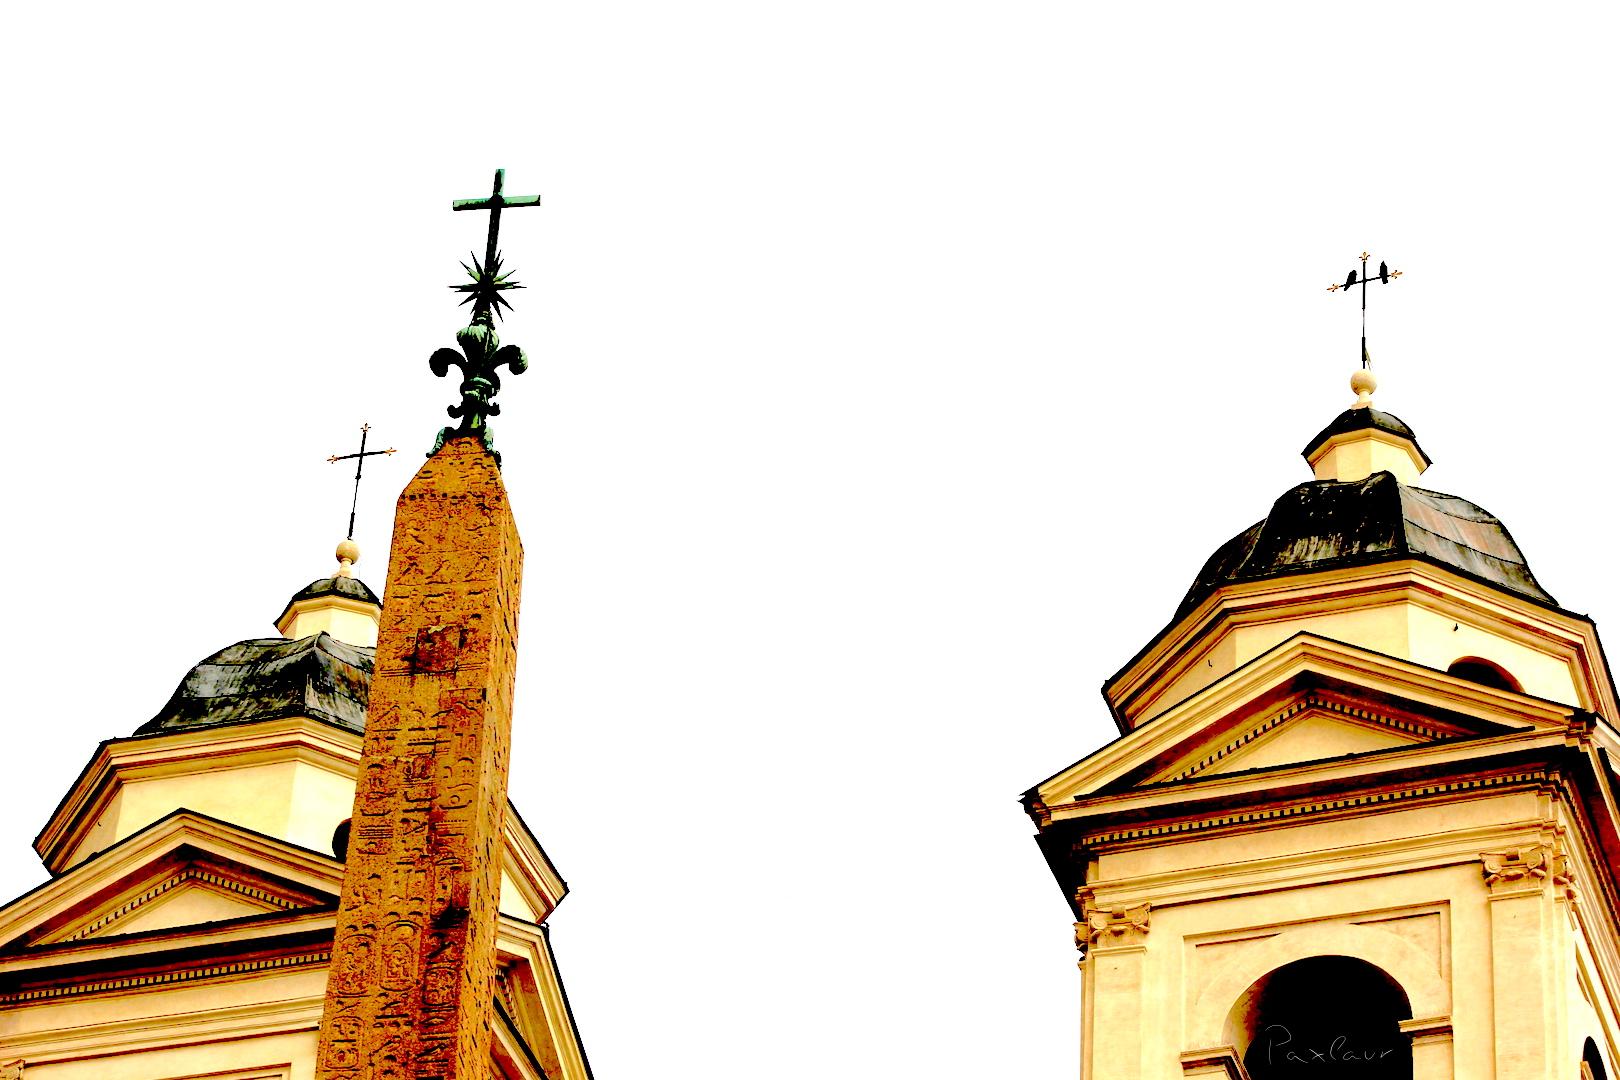 roma_piazza-di-spagna_noiembrie2016_paxlaur3